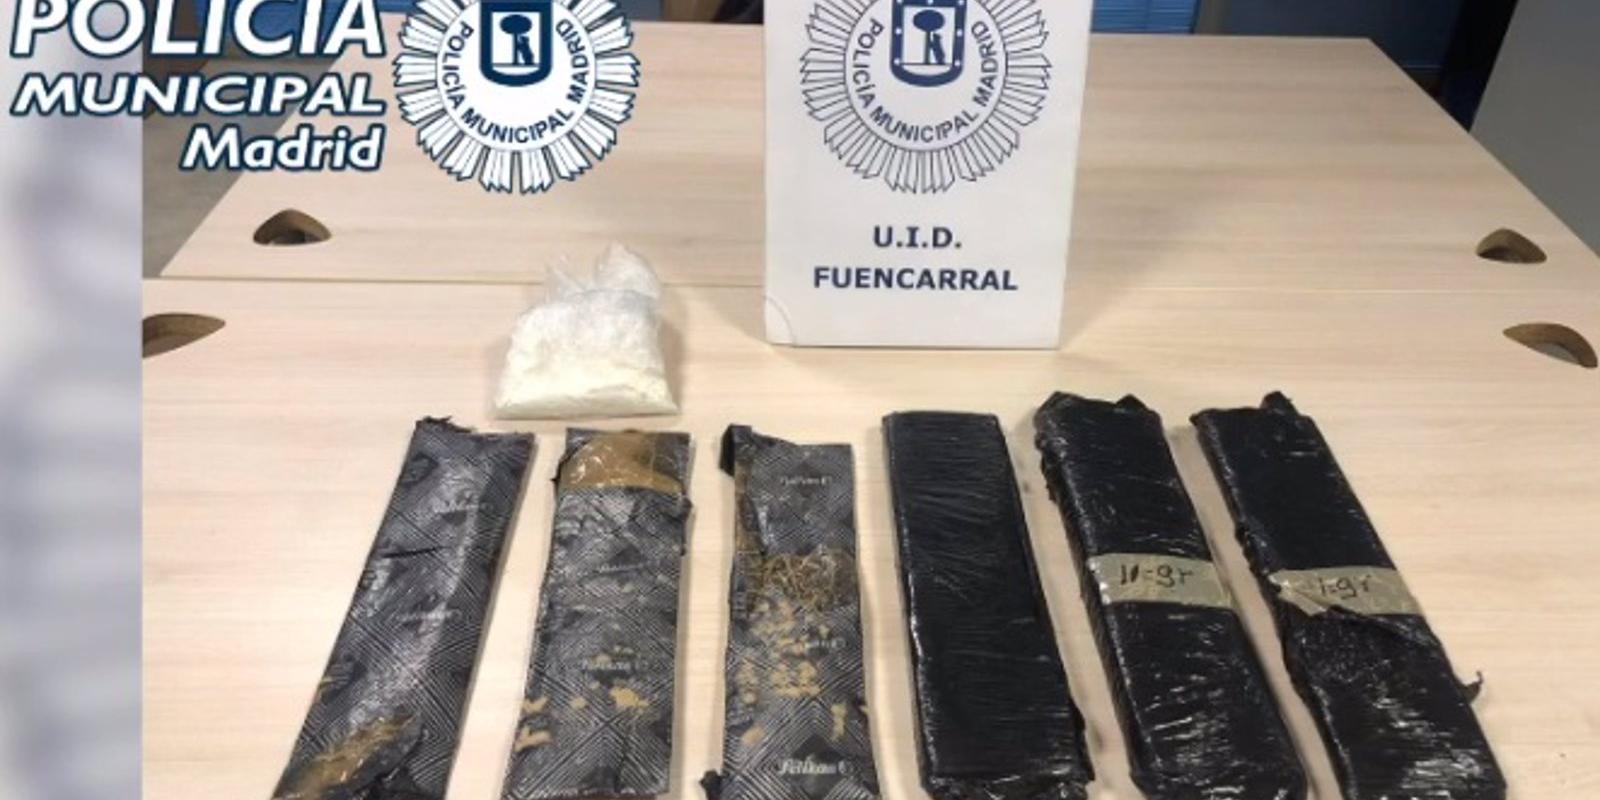 Dos detenidos por llevar cuatro kilos de cocaína escondidos en dos bolsas de pañales en Fuencarral-El Pardo